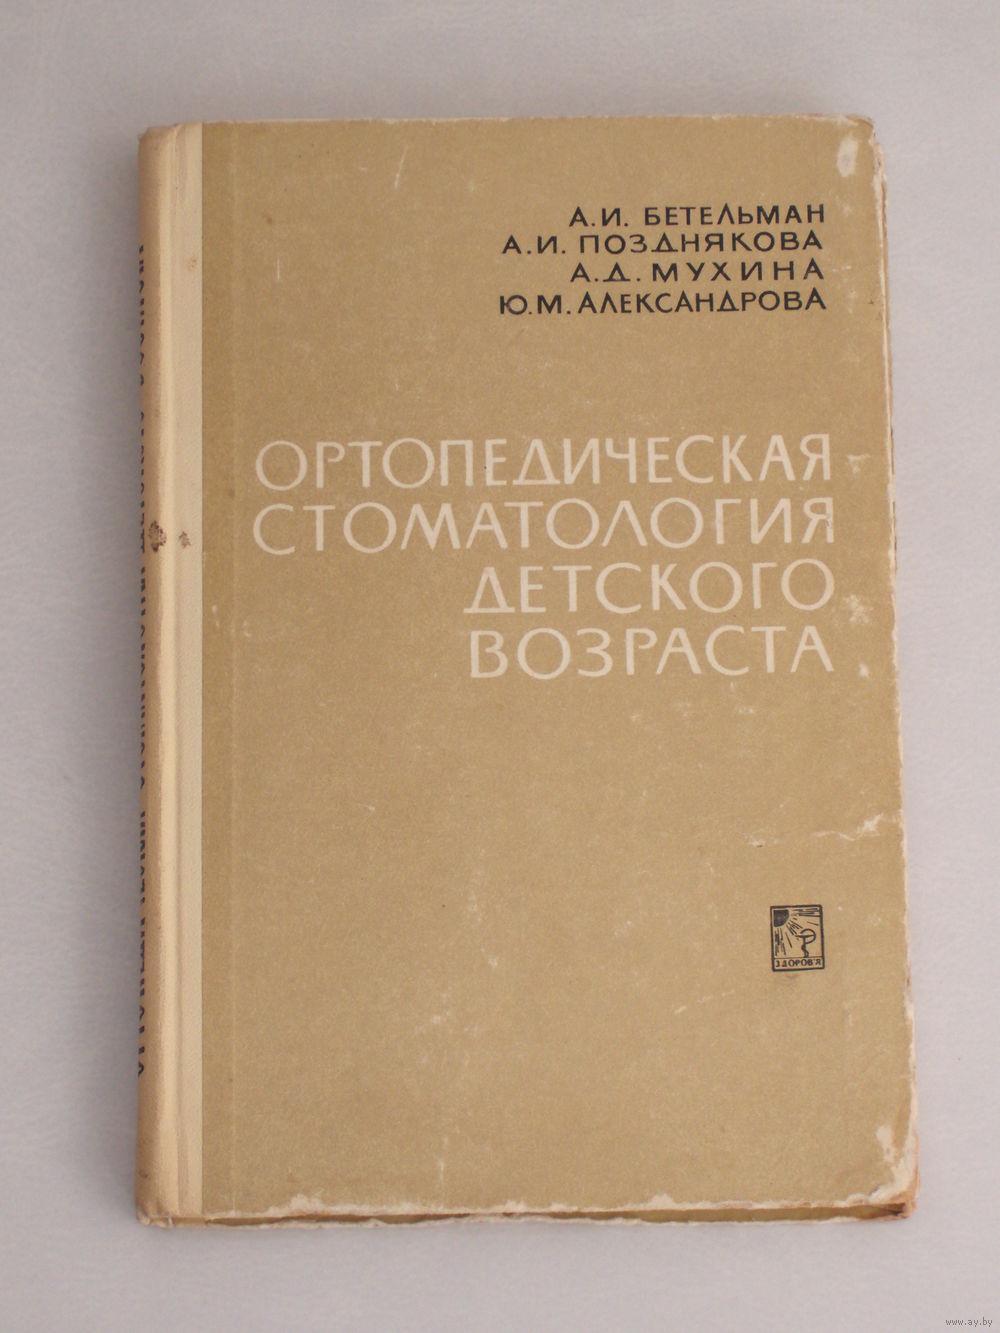 БЕТЕЛЬМАН ОРТОПЕДИЧЕСКАЯ СТОМАТОЛОГИЯ СКАЧАТЬ БЕСПЛАТНО